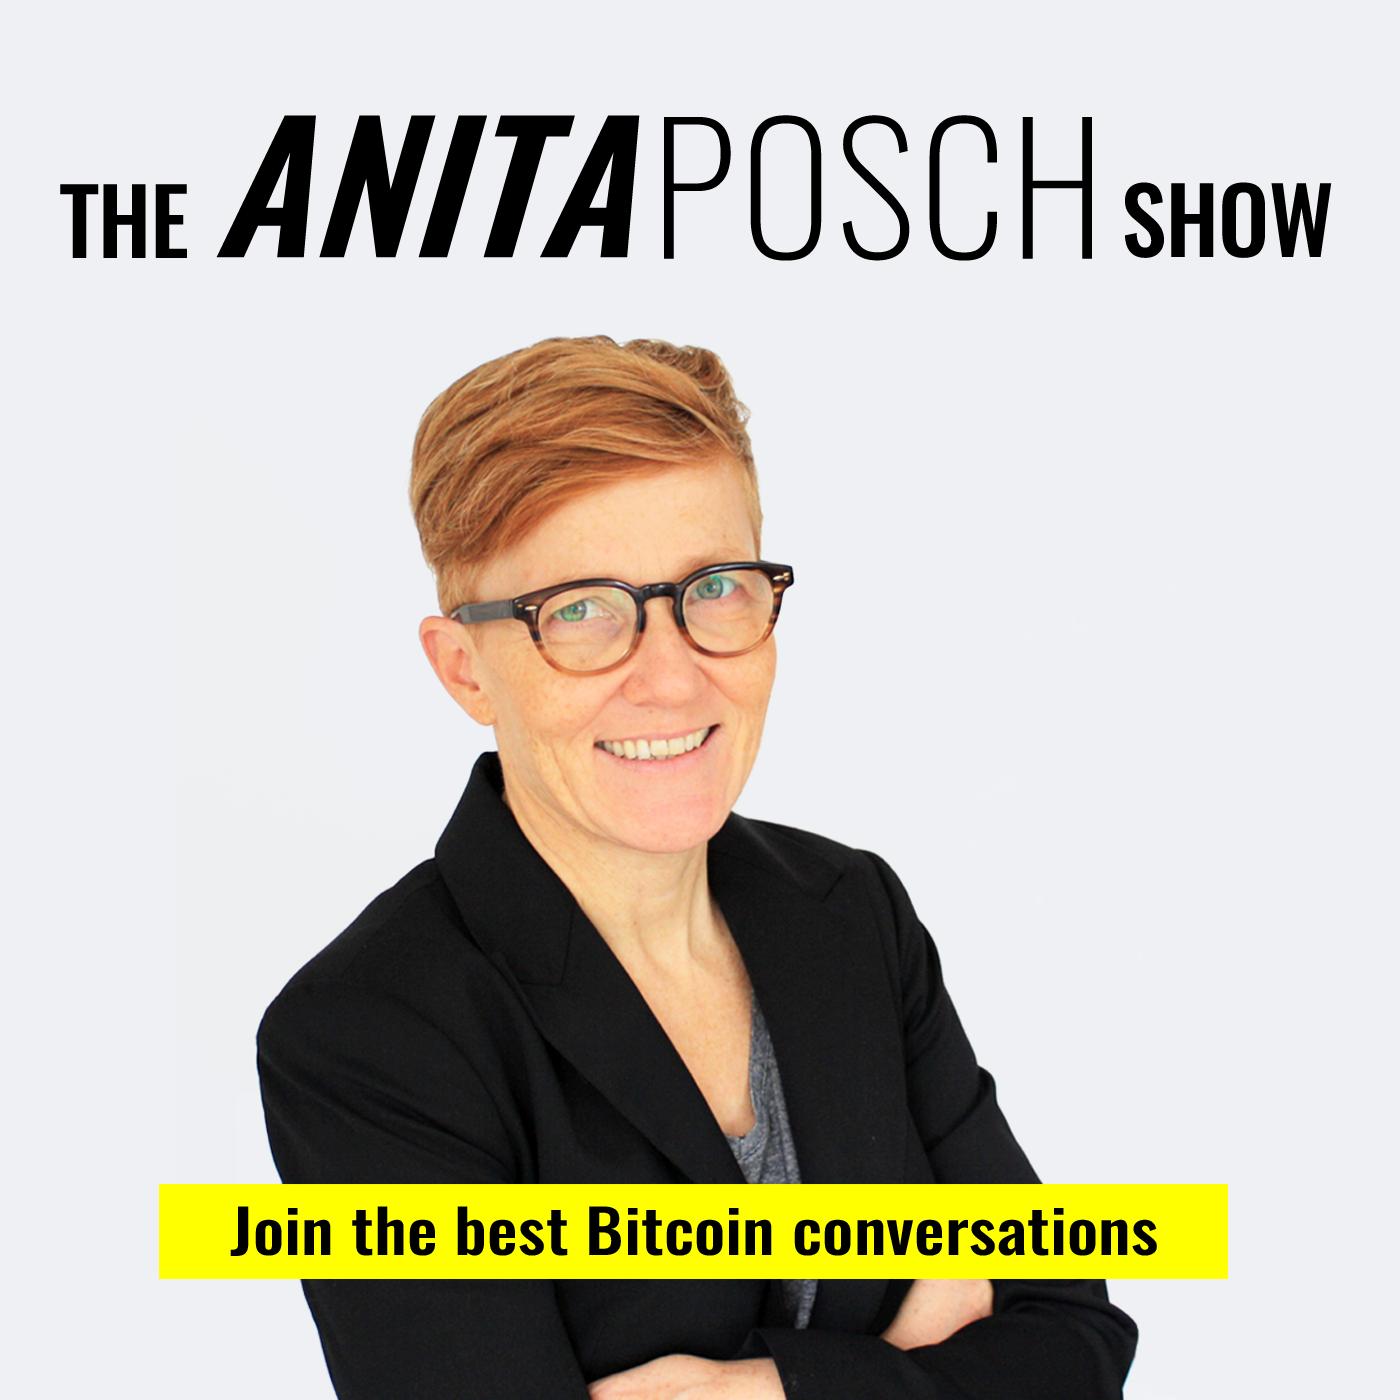 The Anita Posch Show: A Bitcoin Podcast